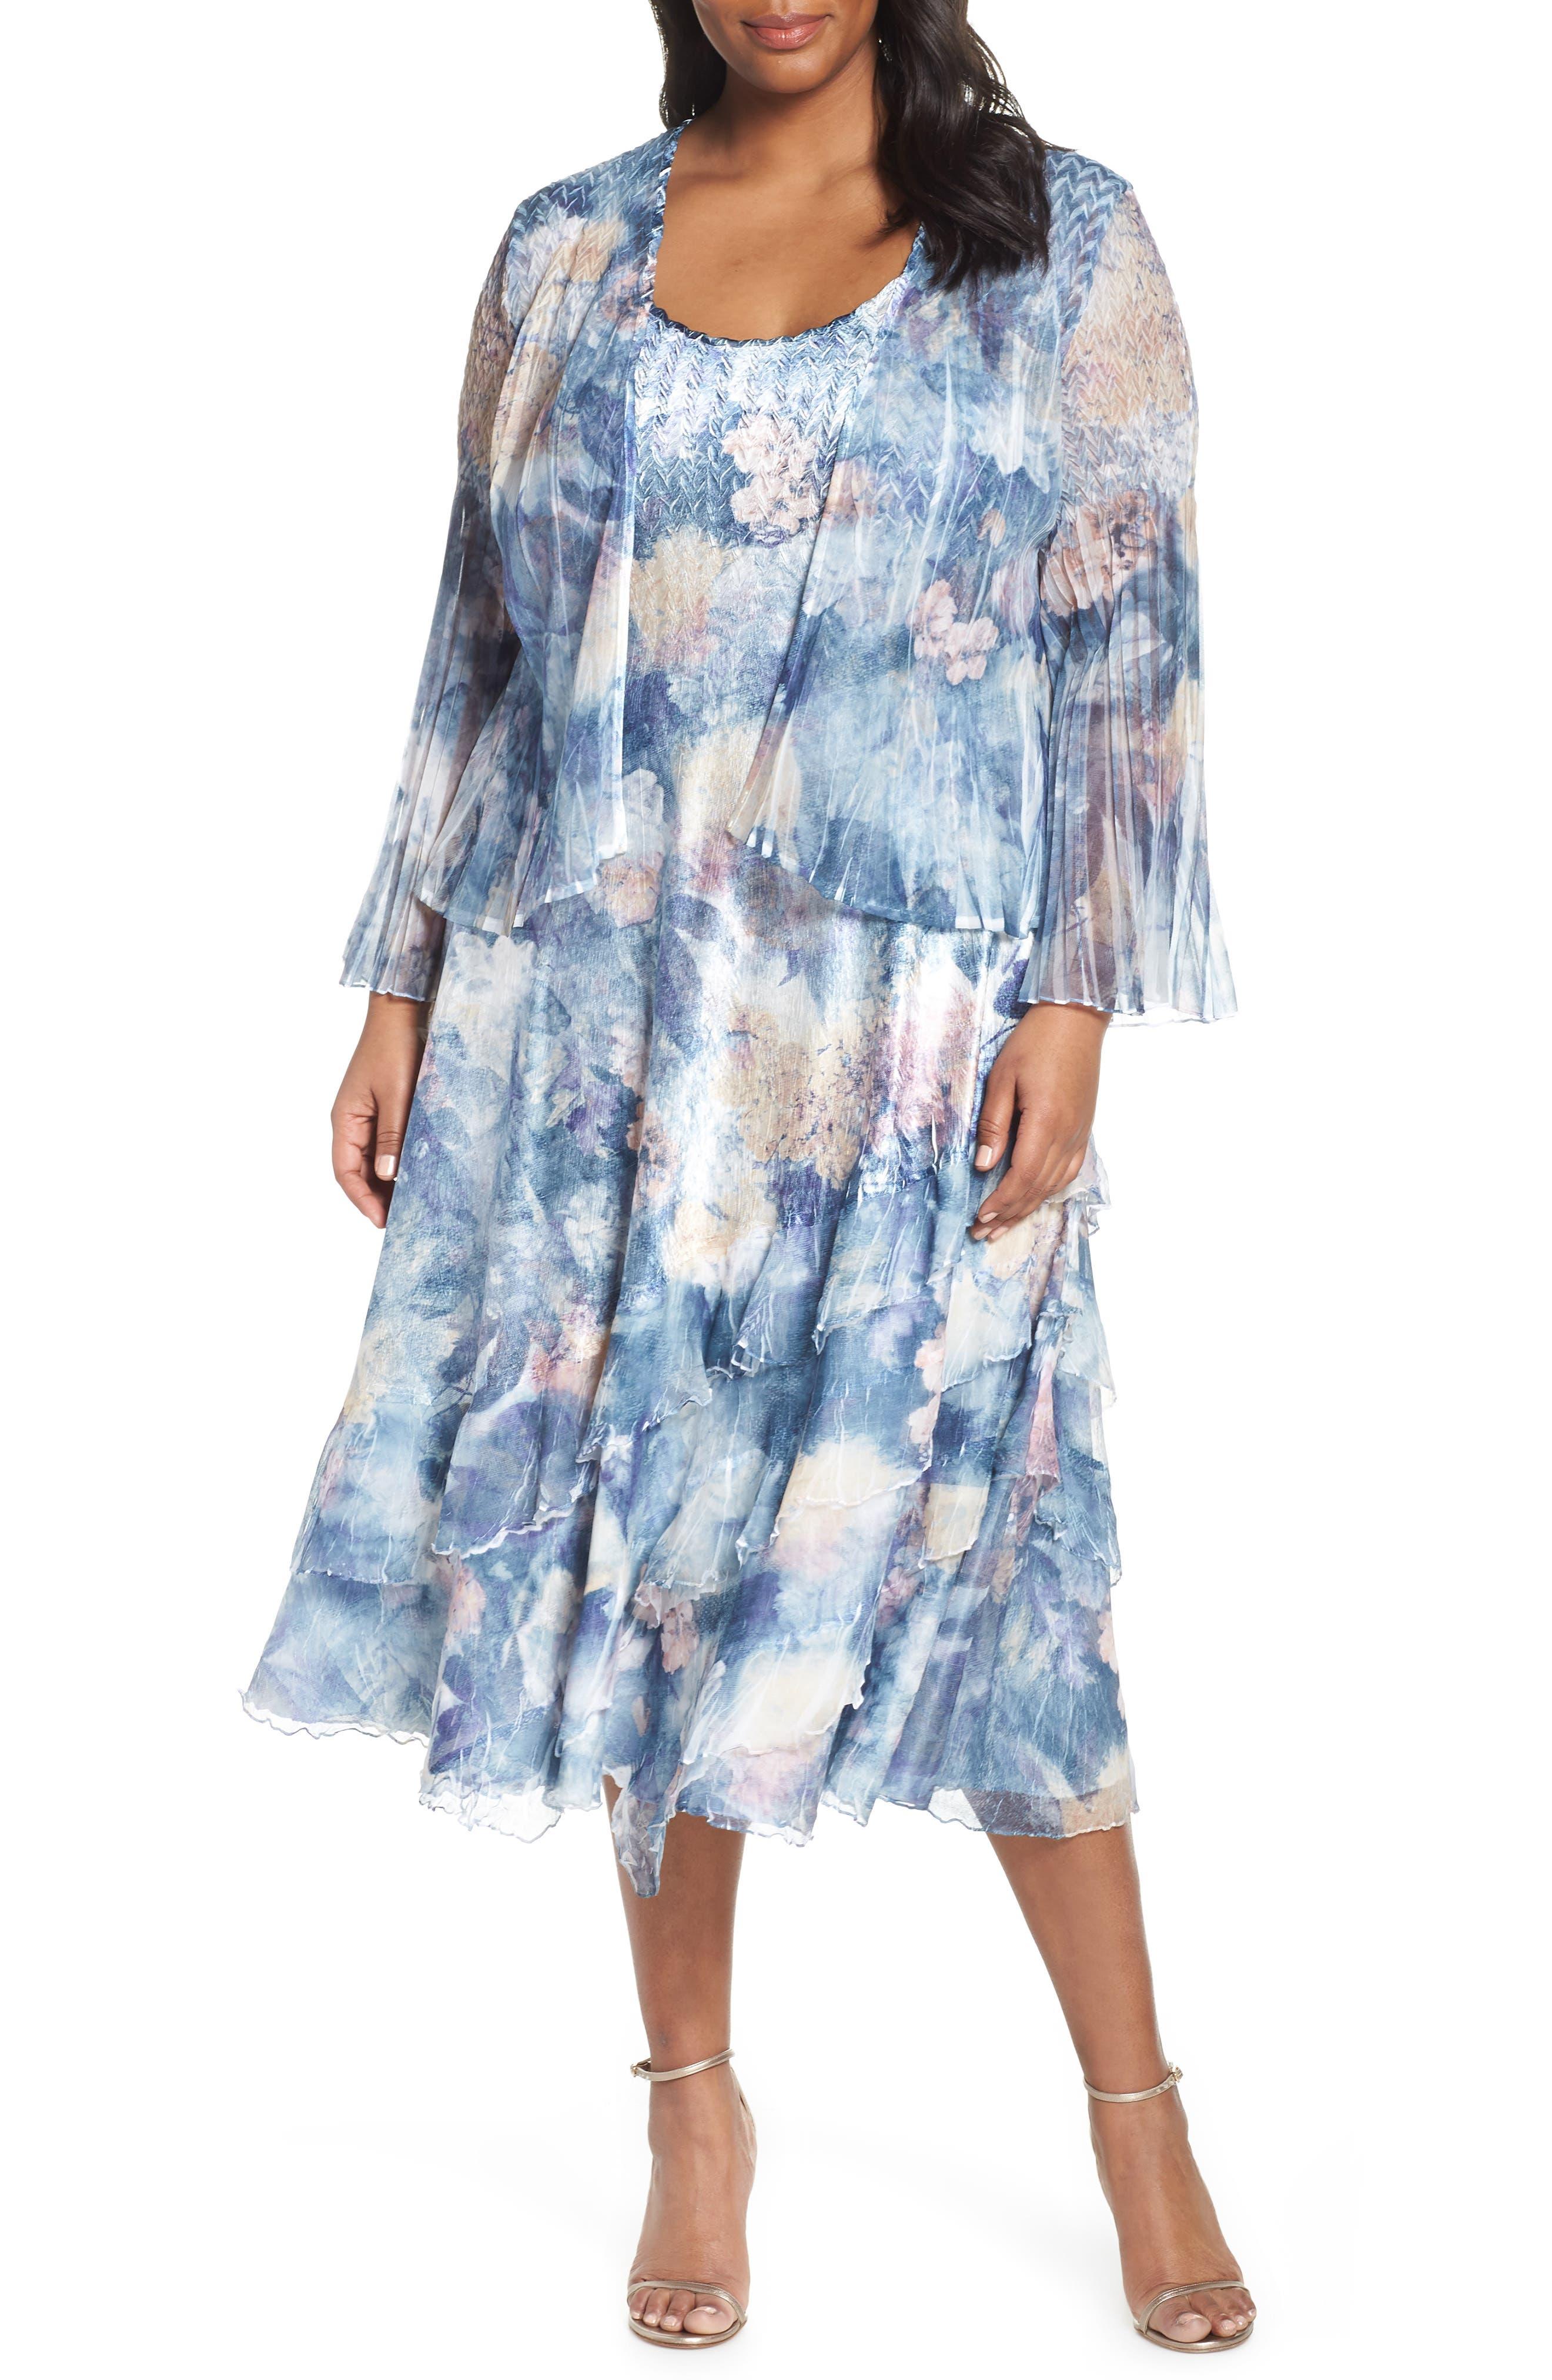 1930s Art Deco Plus Size Dresses | Tea Dresses, Party Dresses Plus Size Womens Komarov Floral Print Midi Dress  Jacket $280.80 AT vintagedancer.com